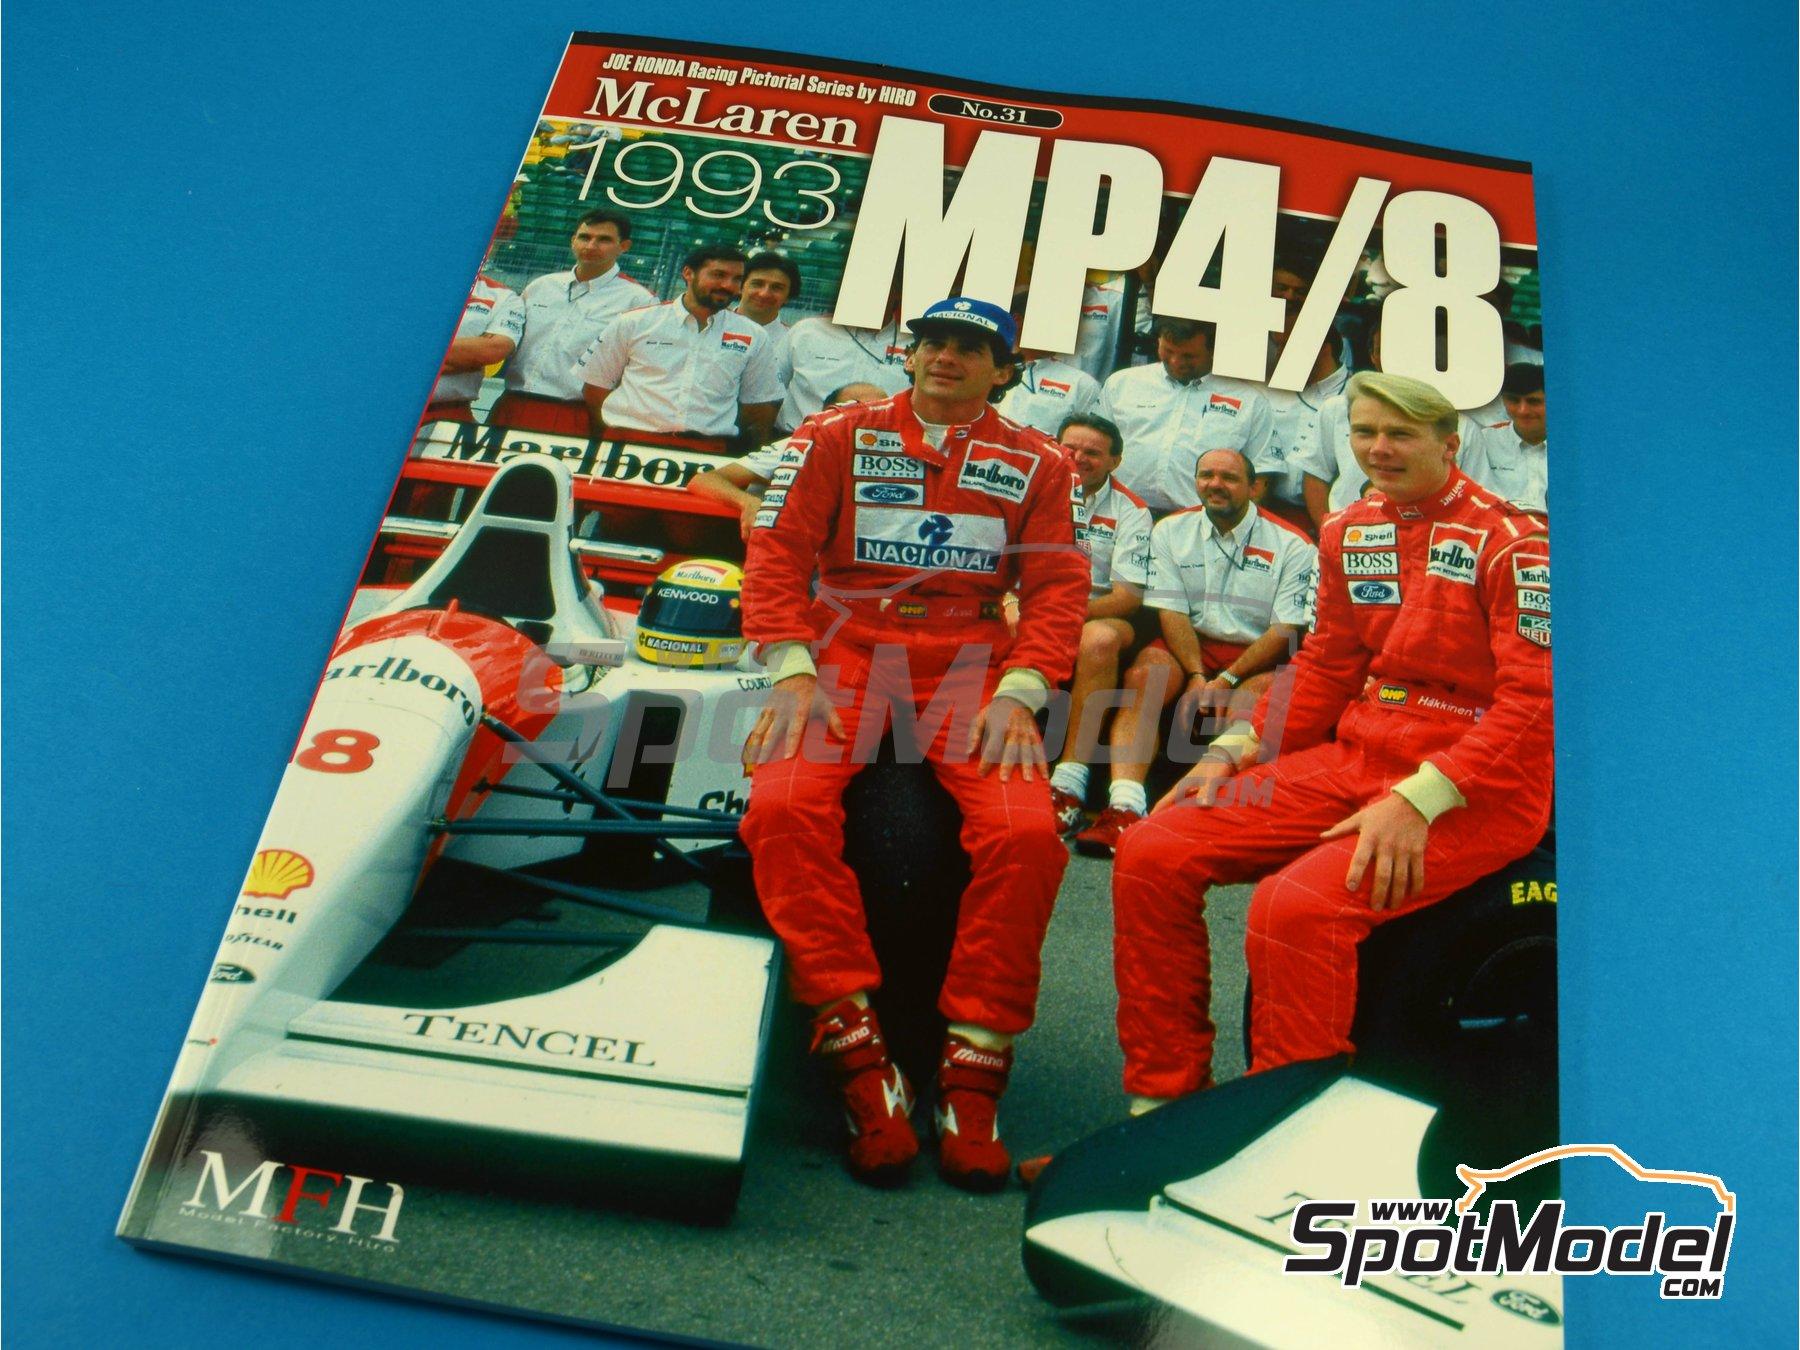 Image 1: JOE HONDA Racing Pictorial Series - MP4/8 - Campeonato del Mundo de Formula1 1993 | Libro de referencia fabricado por Model Factory Hiro (ref.MFH-JH31)